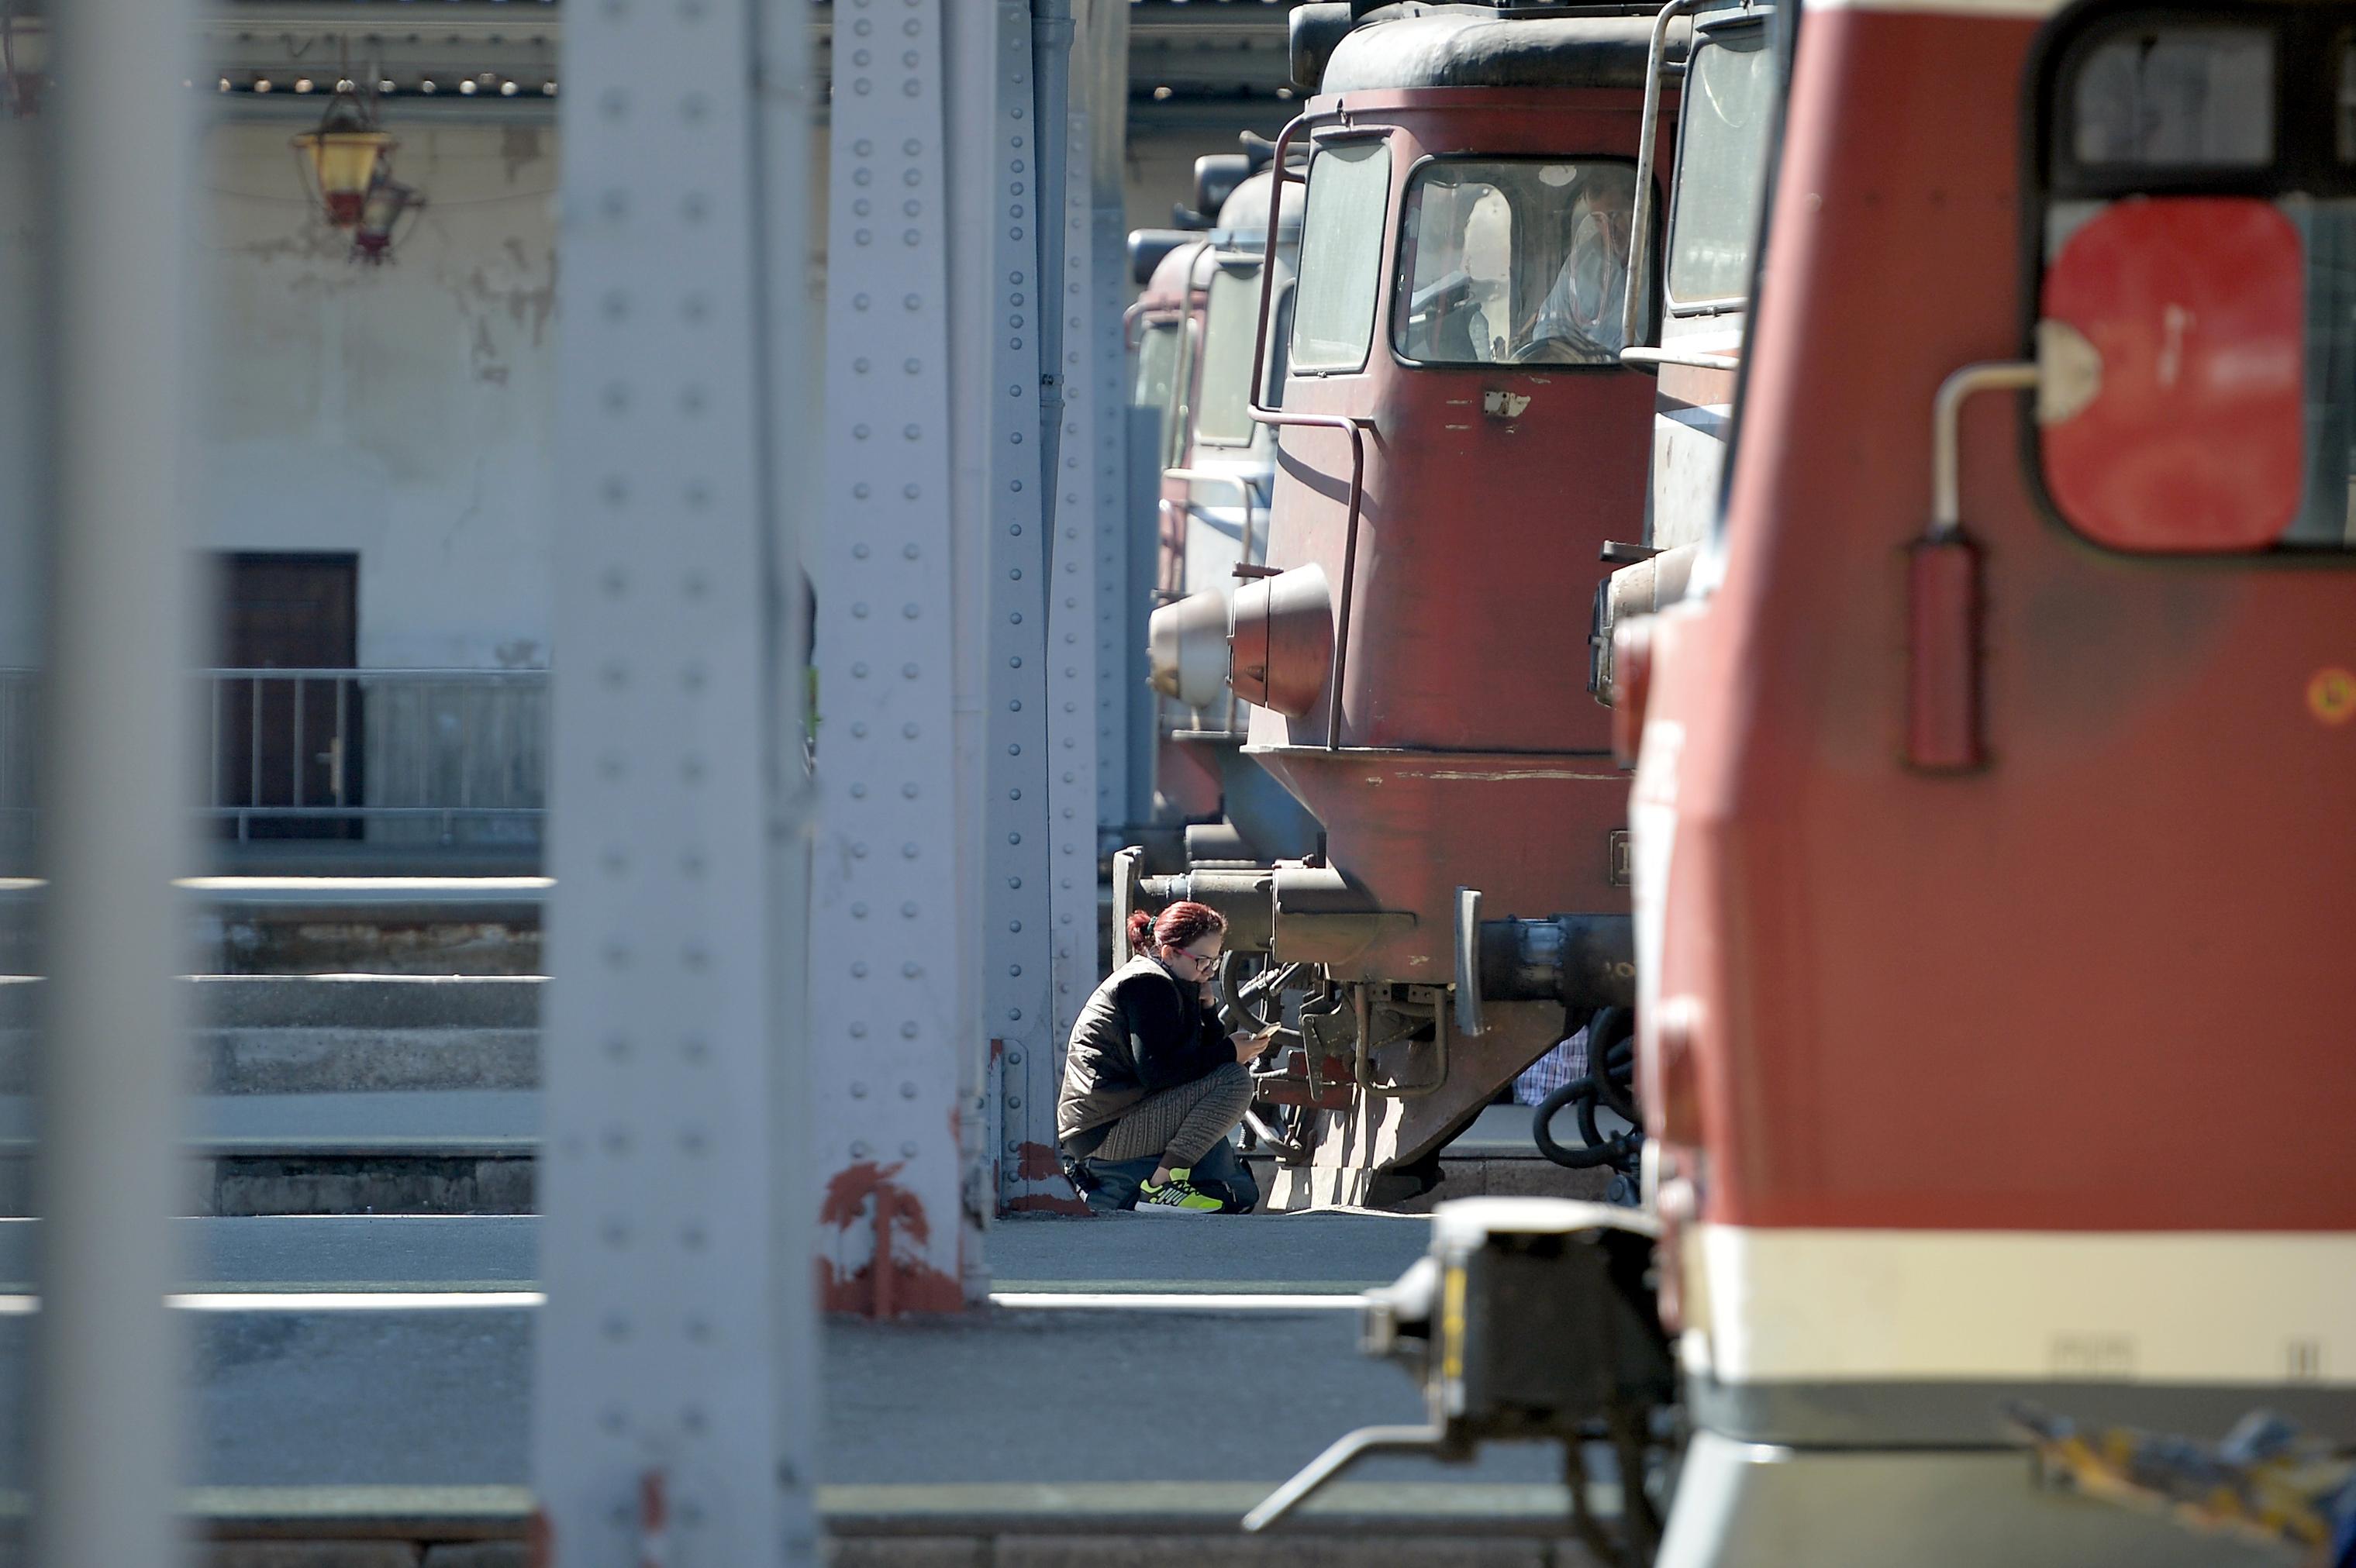 Trafic feroviar blocat temporar în judeţul Harghita, după ce un tren a lovit o maşină